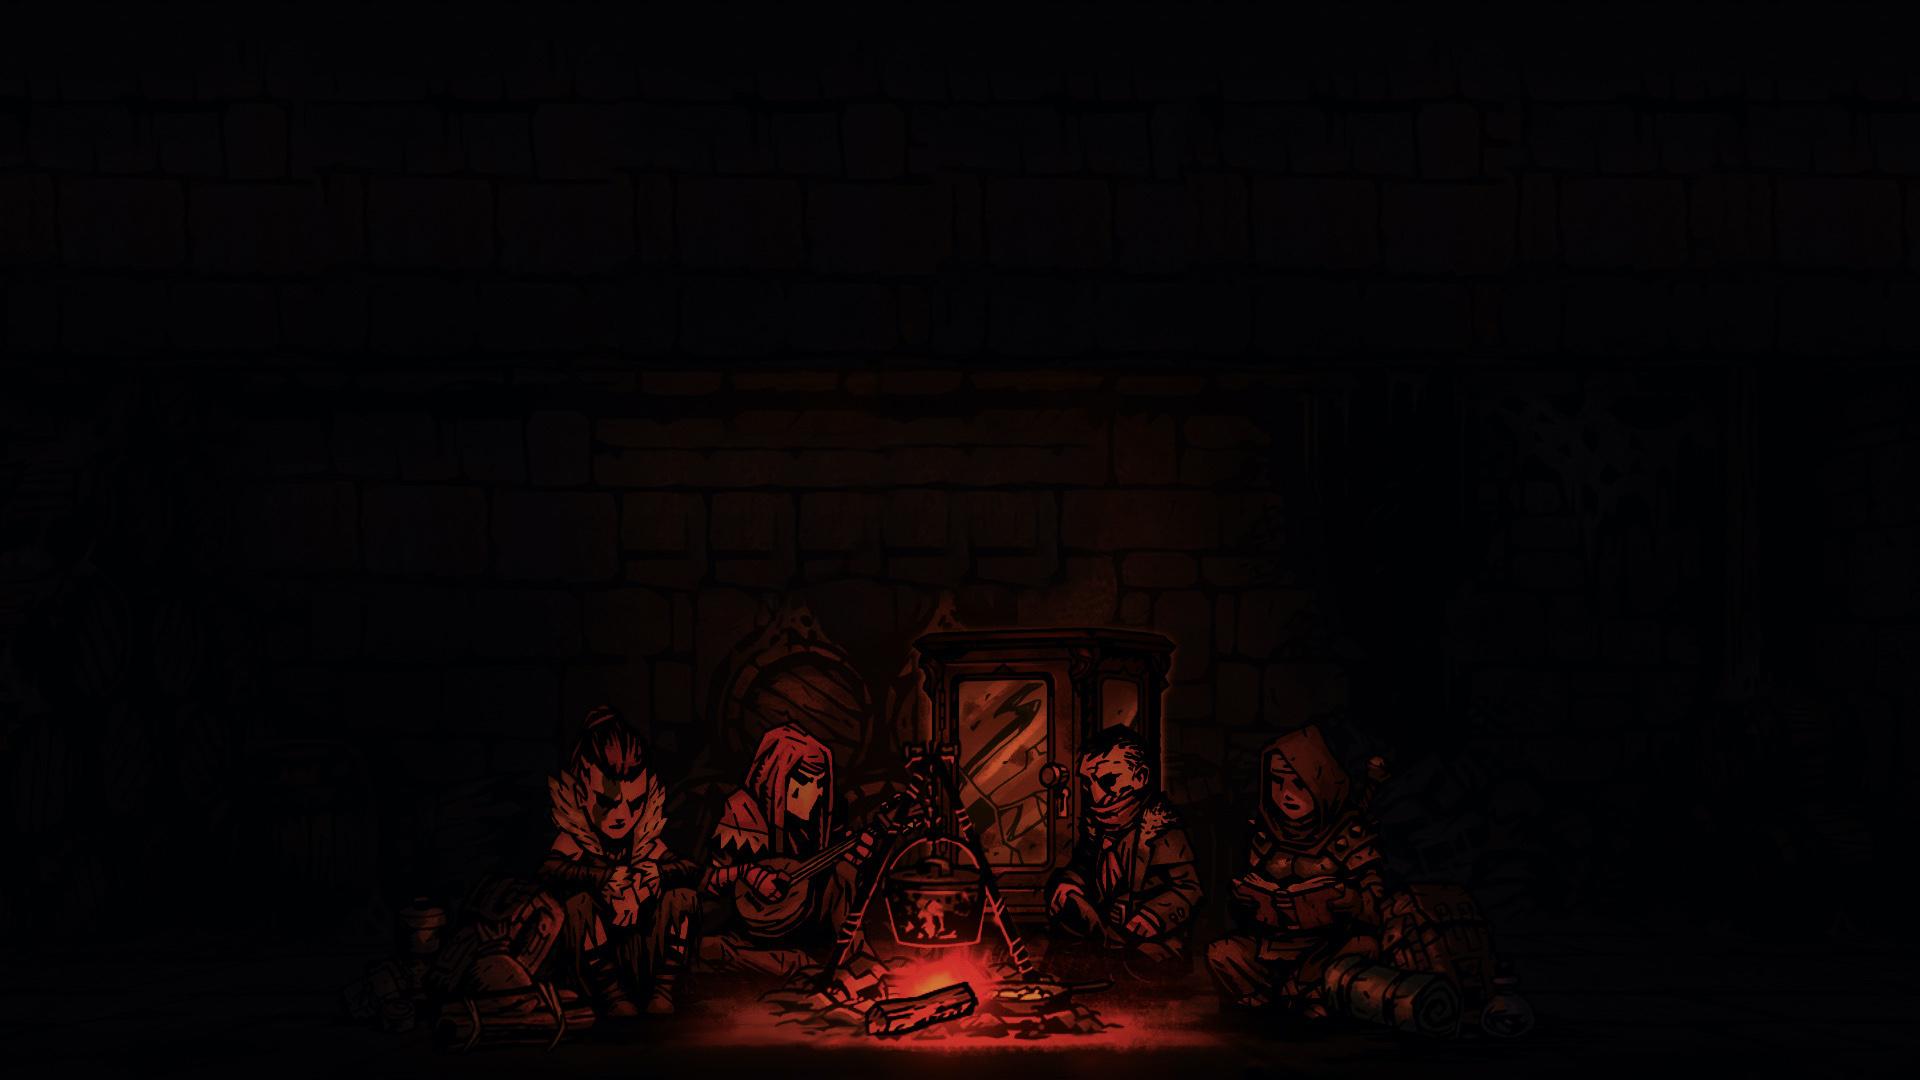 Игры, похожие на Darkest Dungeon на ПК и консолях